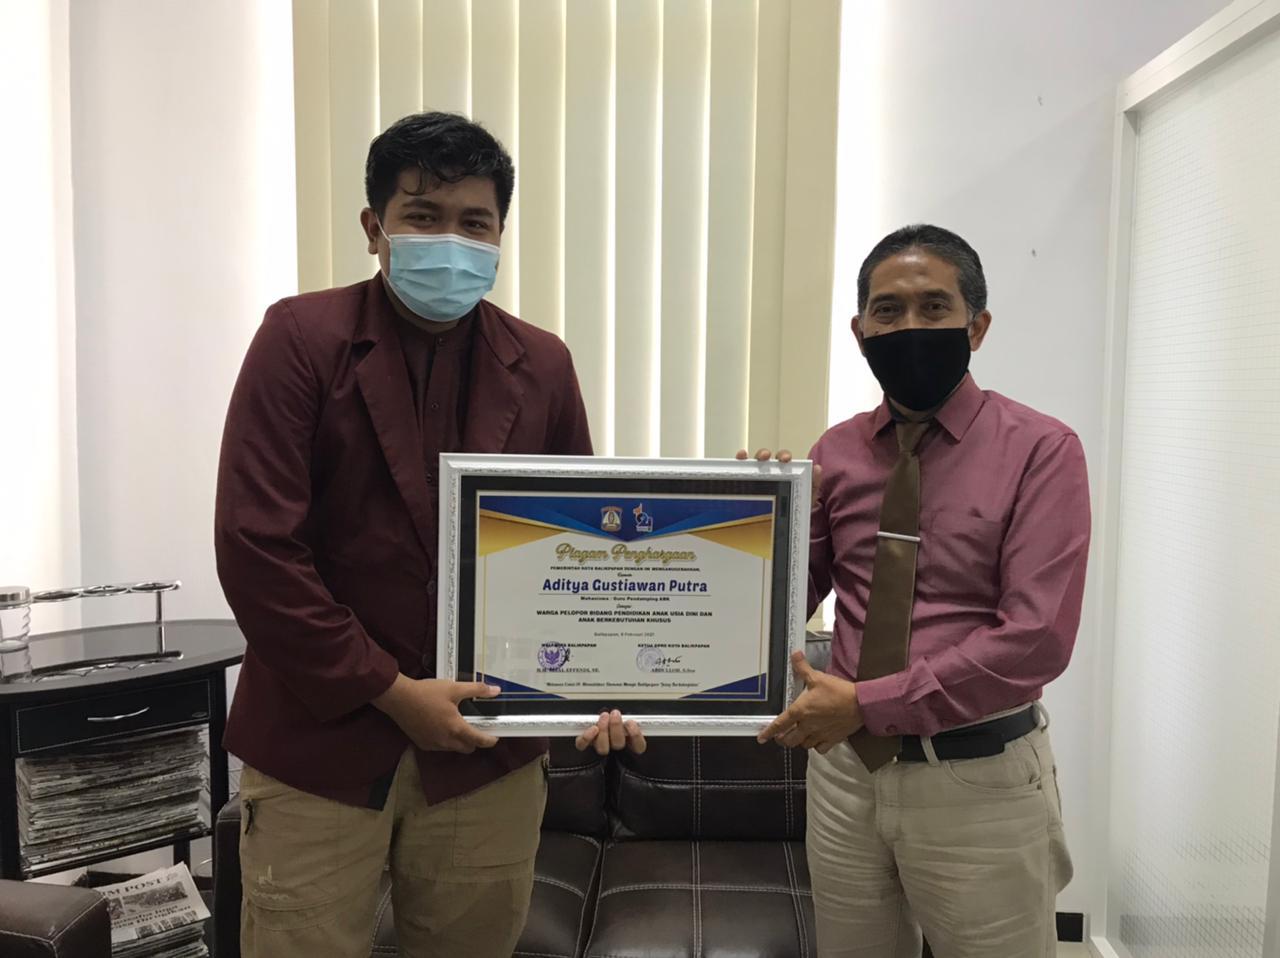 Mahasiswa Program Studi S1 PG PAUD, Aditya Gustiawan Putra bersama Rektor Universitas Mulia Dr.Agung Sakti Pribadi, S.H., M.H.